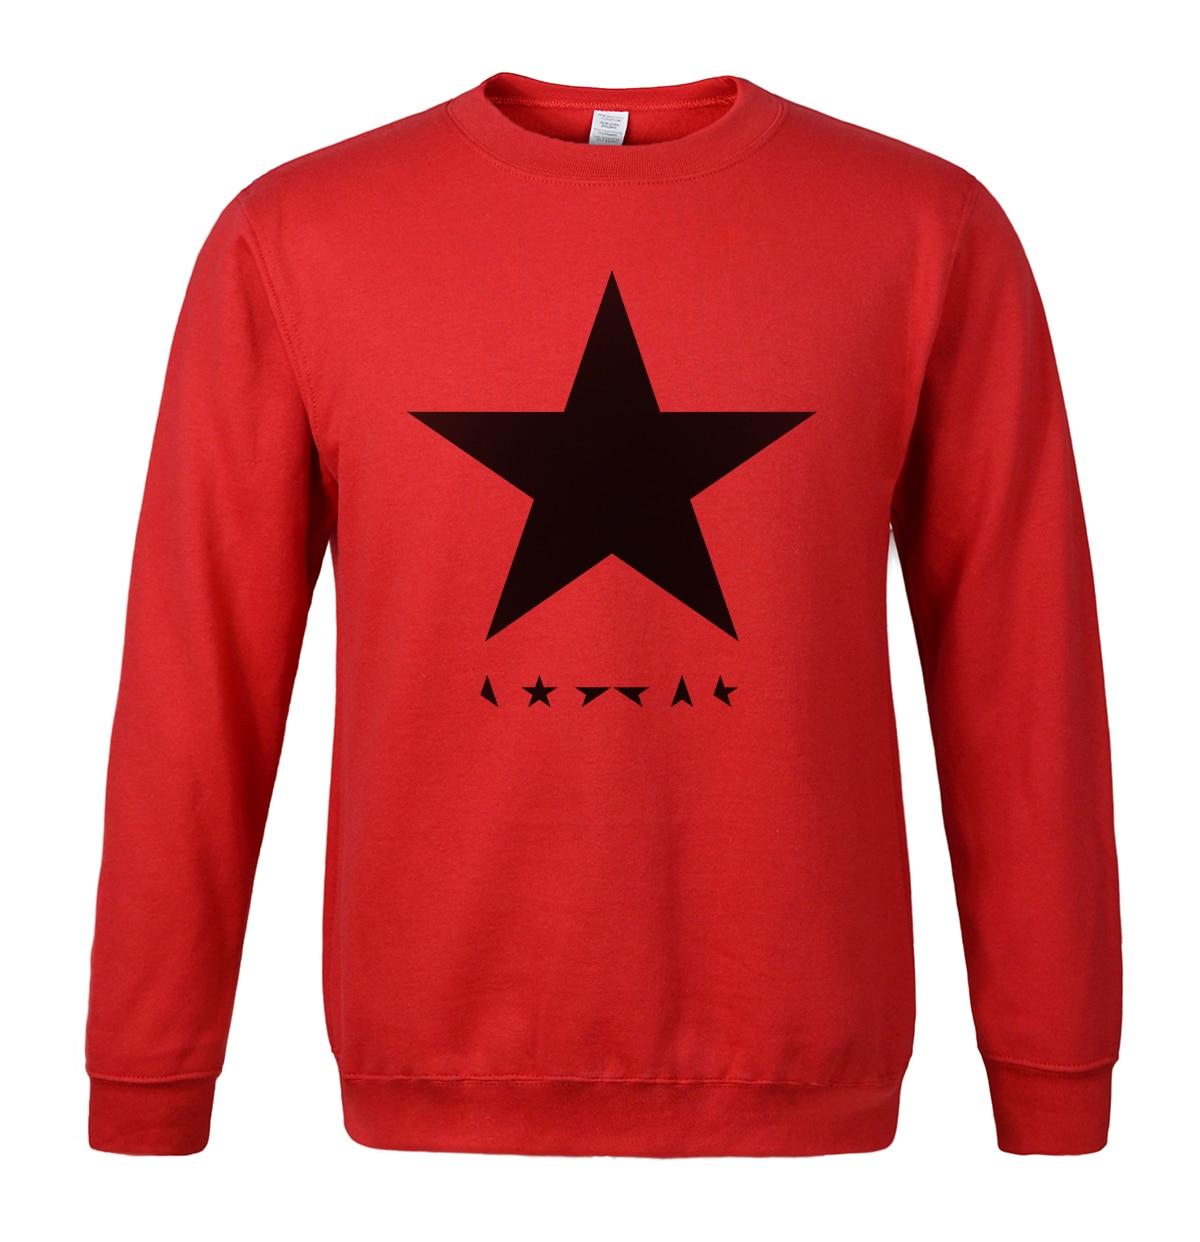 David Bowie heroes black star posters print sweatshirt 2019 hot sale spring winter fashion men hoodies hip hop style streetwear